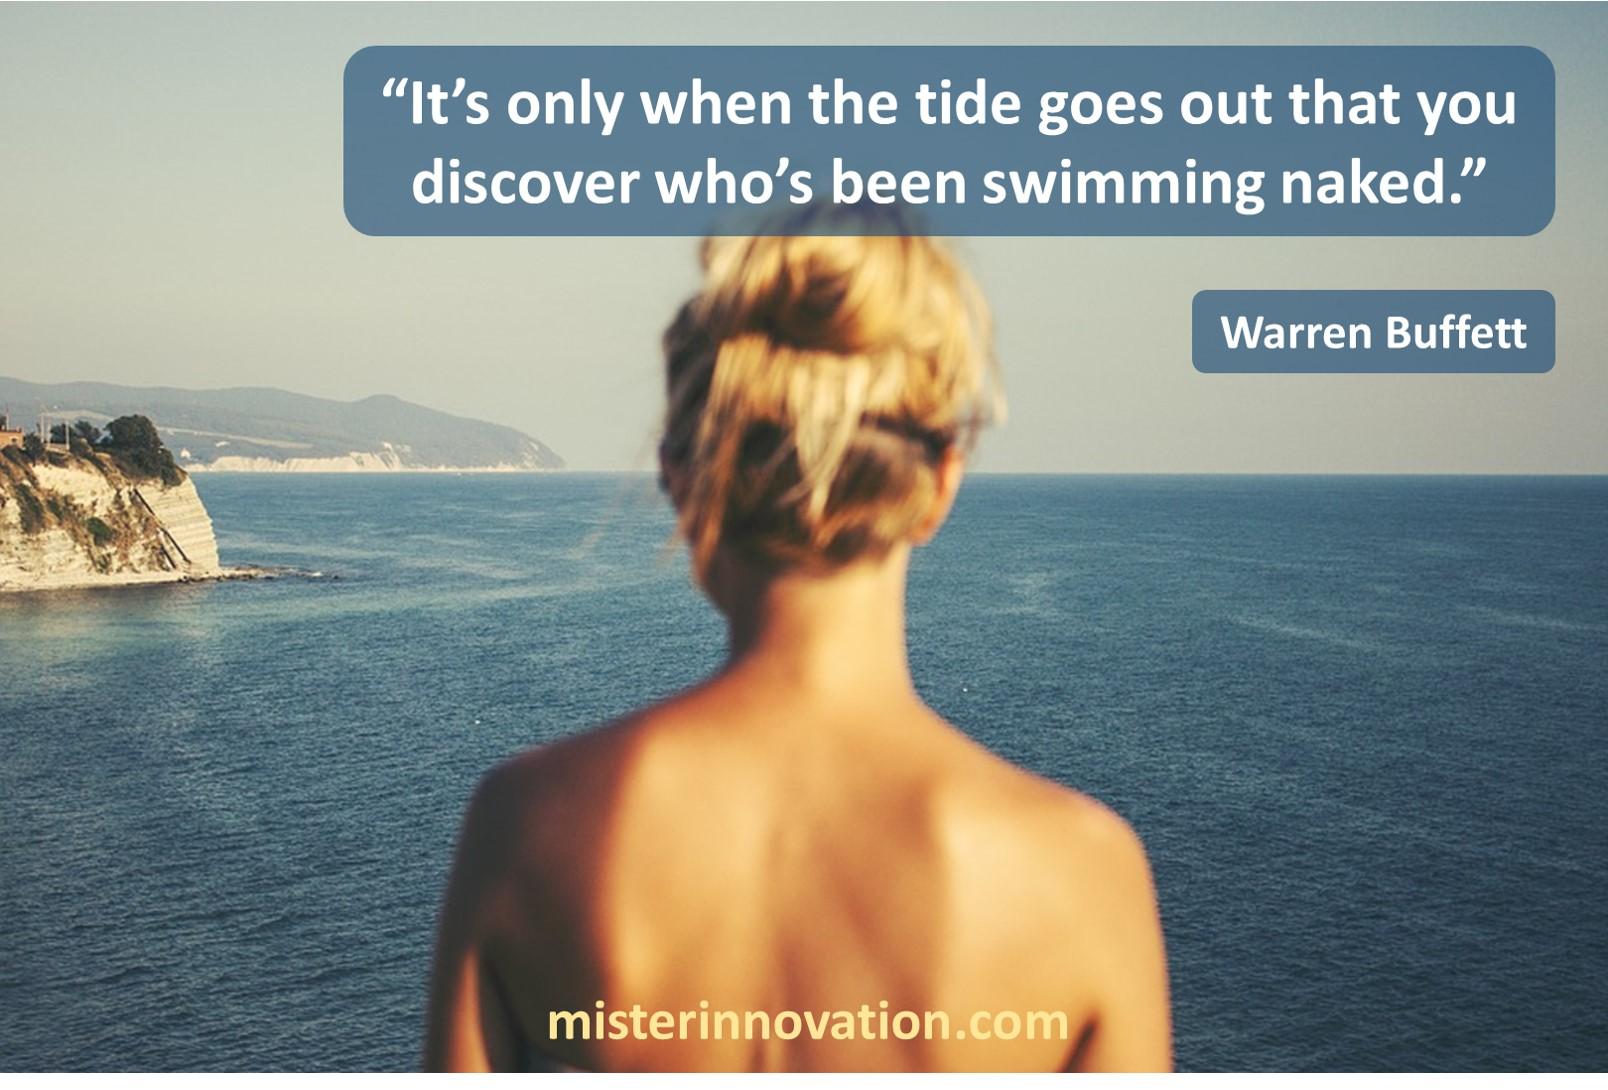 Warren Buffett Swimming